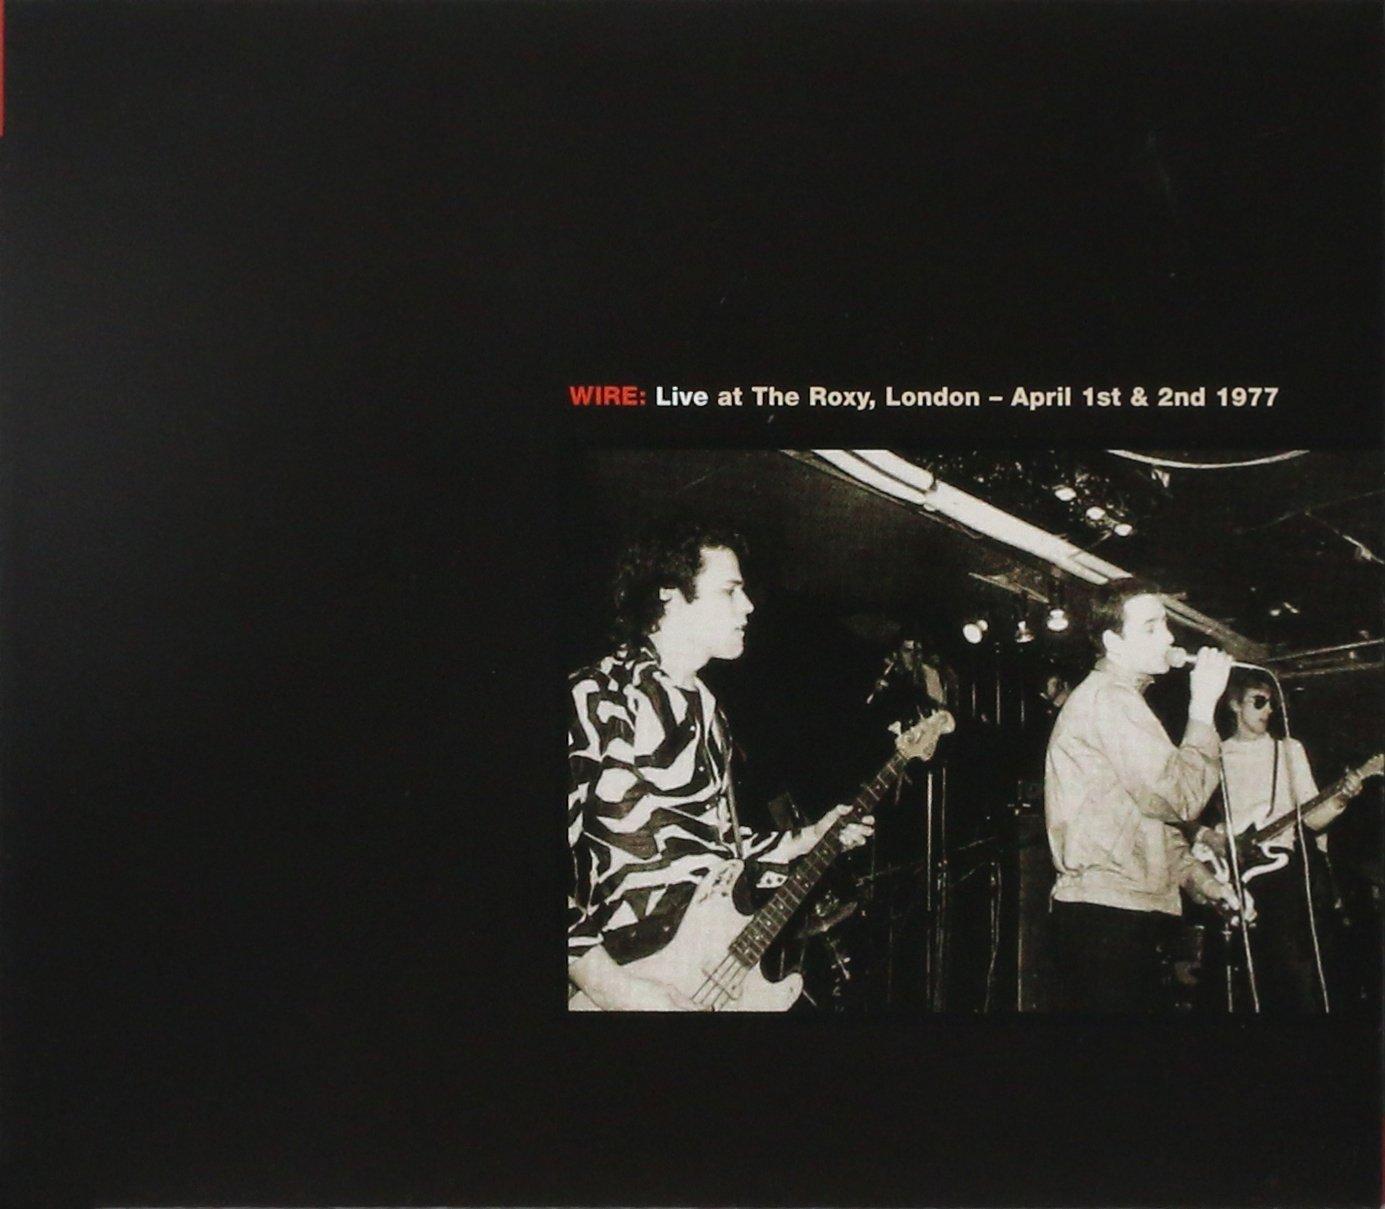 WIRE - Live At The Roxy/Live At The CBGB Theatre - Amazon.com Music